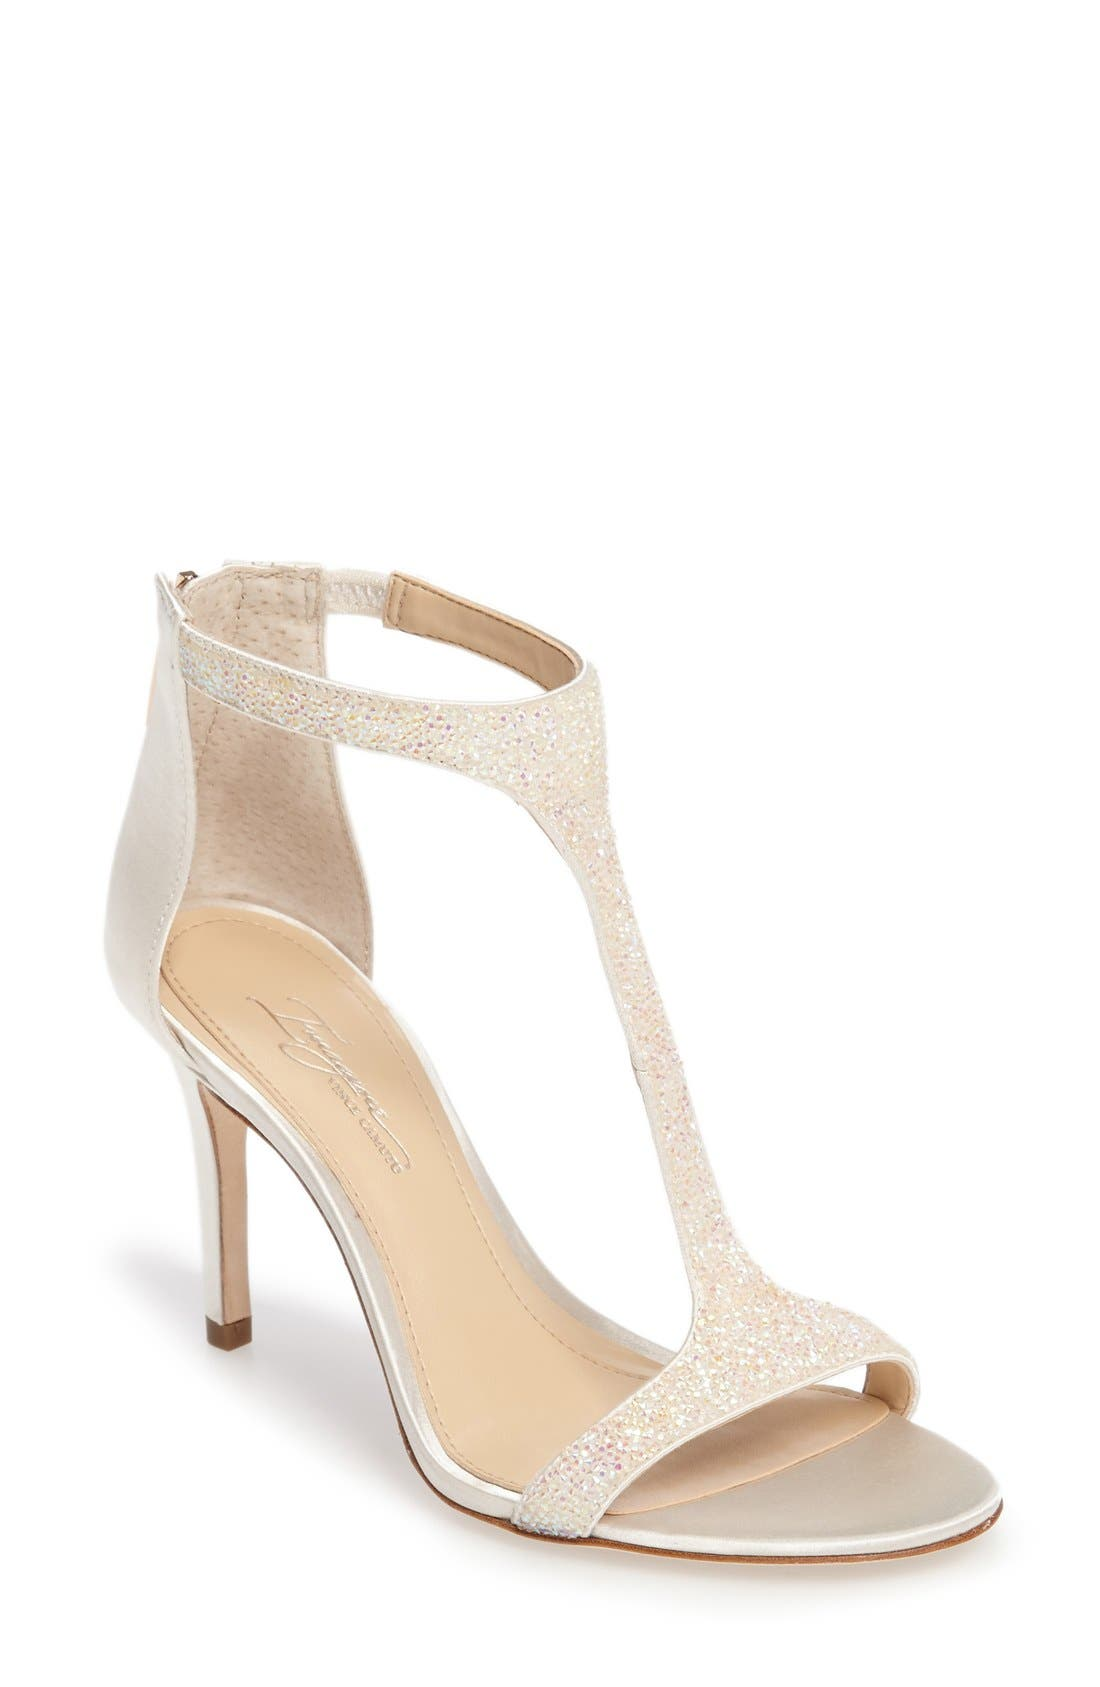 IMAGINE BY VINCE CAMUTO Phoebe Embellished T-Strap Sandal